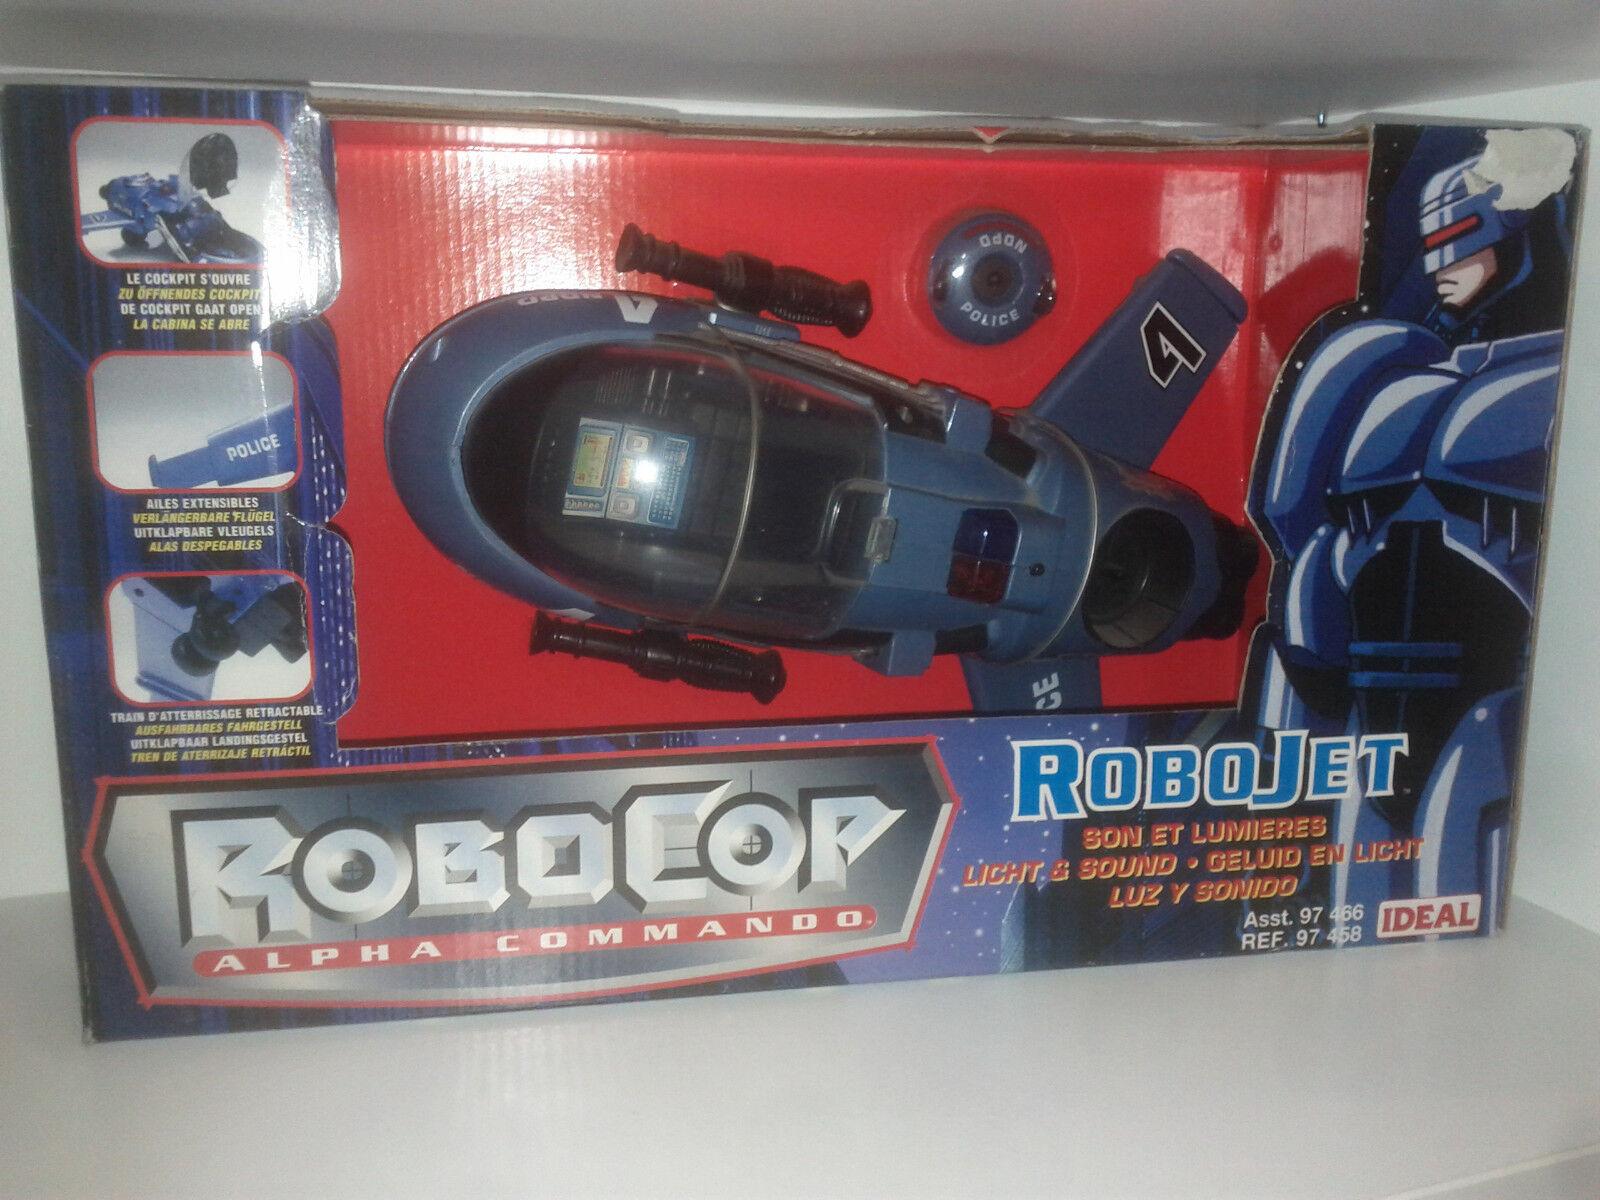 NEUF 1998 Robocop alpha commando   robojet    IDEAL